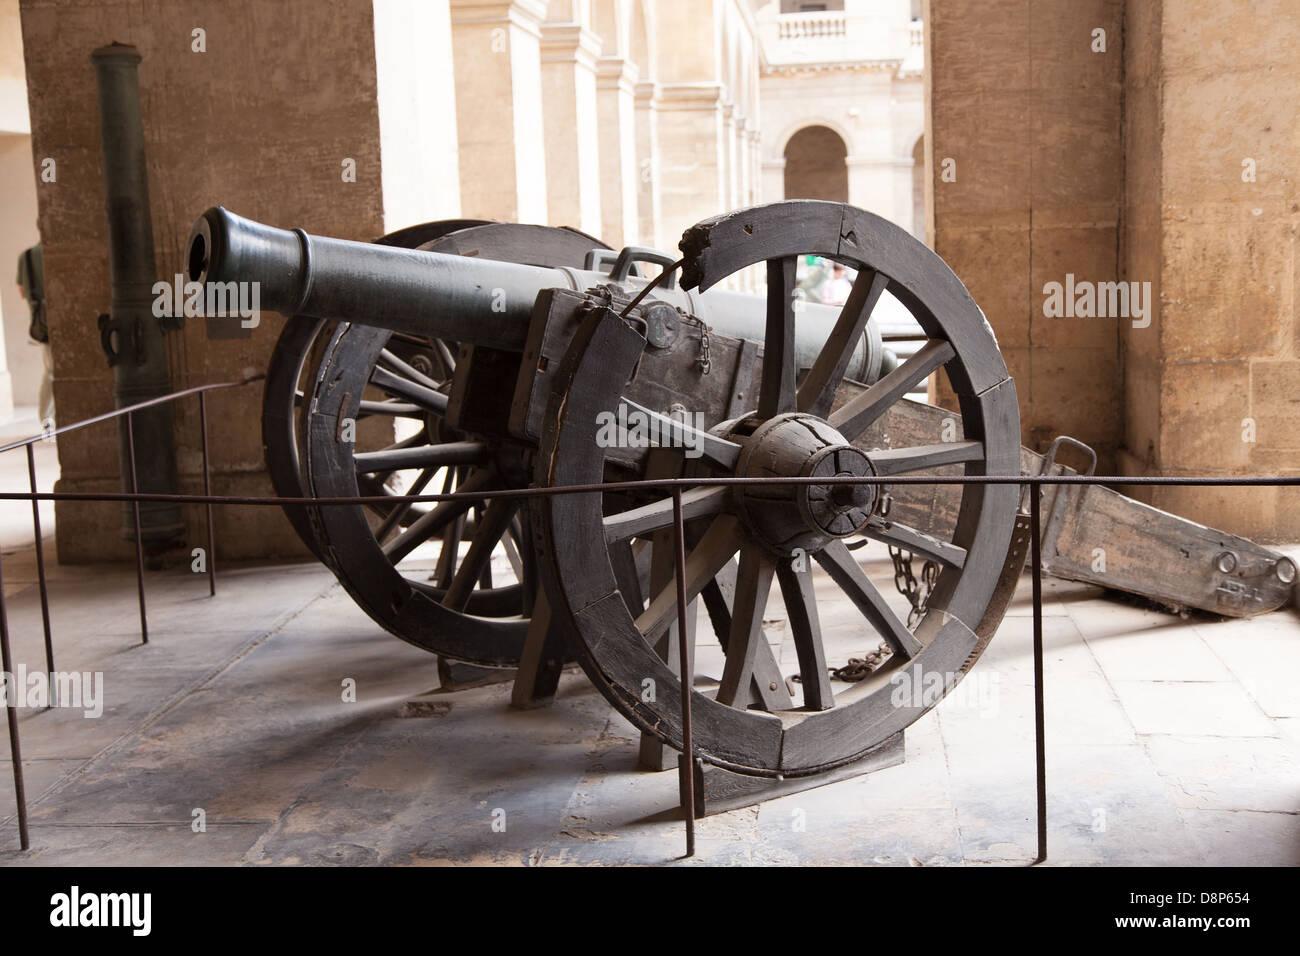 Schwere Kanone Waffe militärischen Stahl Rad Holz - Armeemuseum / Les Invalides / Philippe Sauvan-Magnet / Stockbild